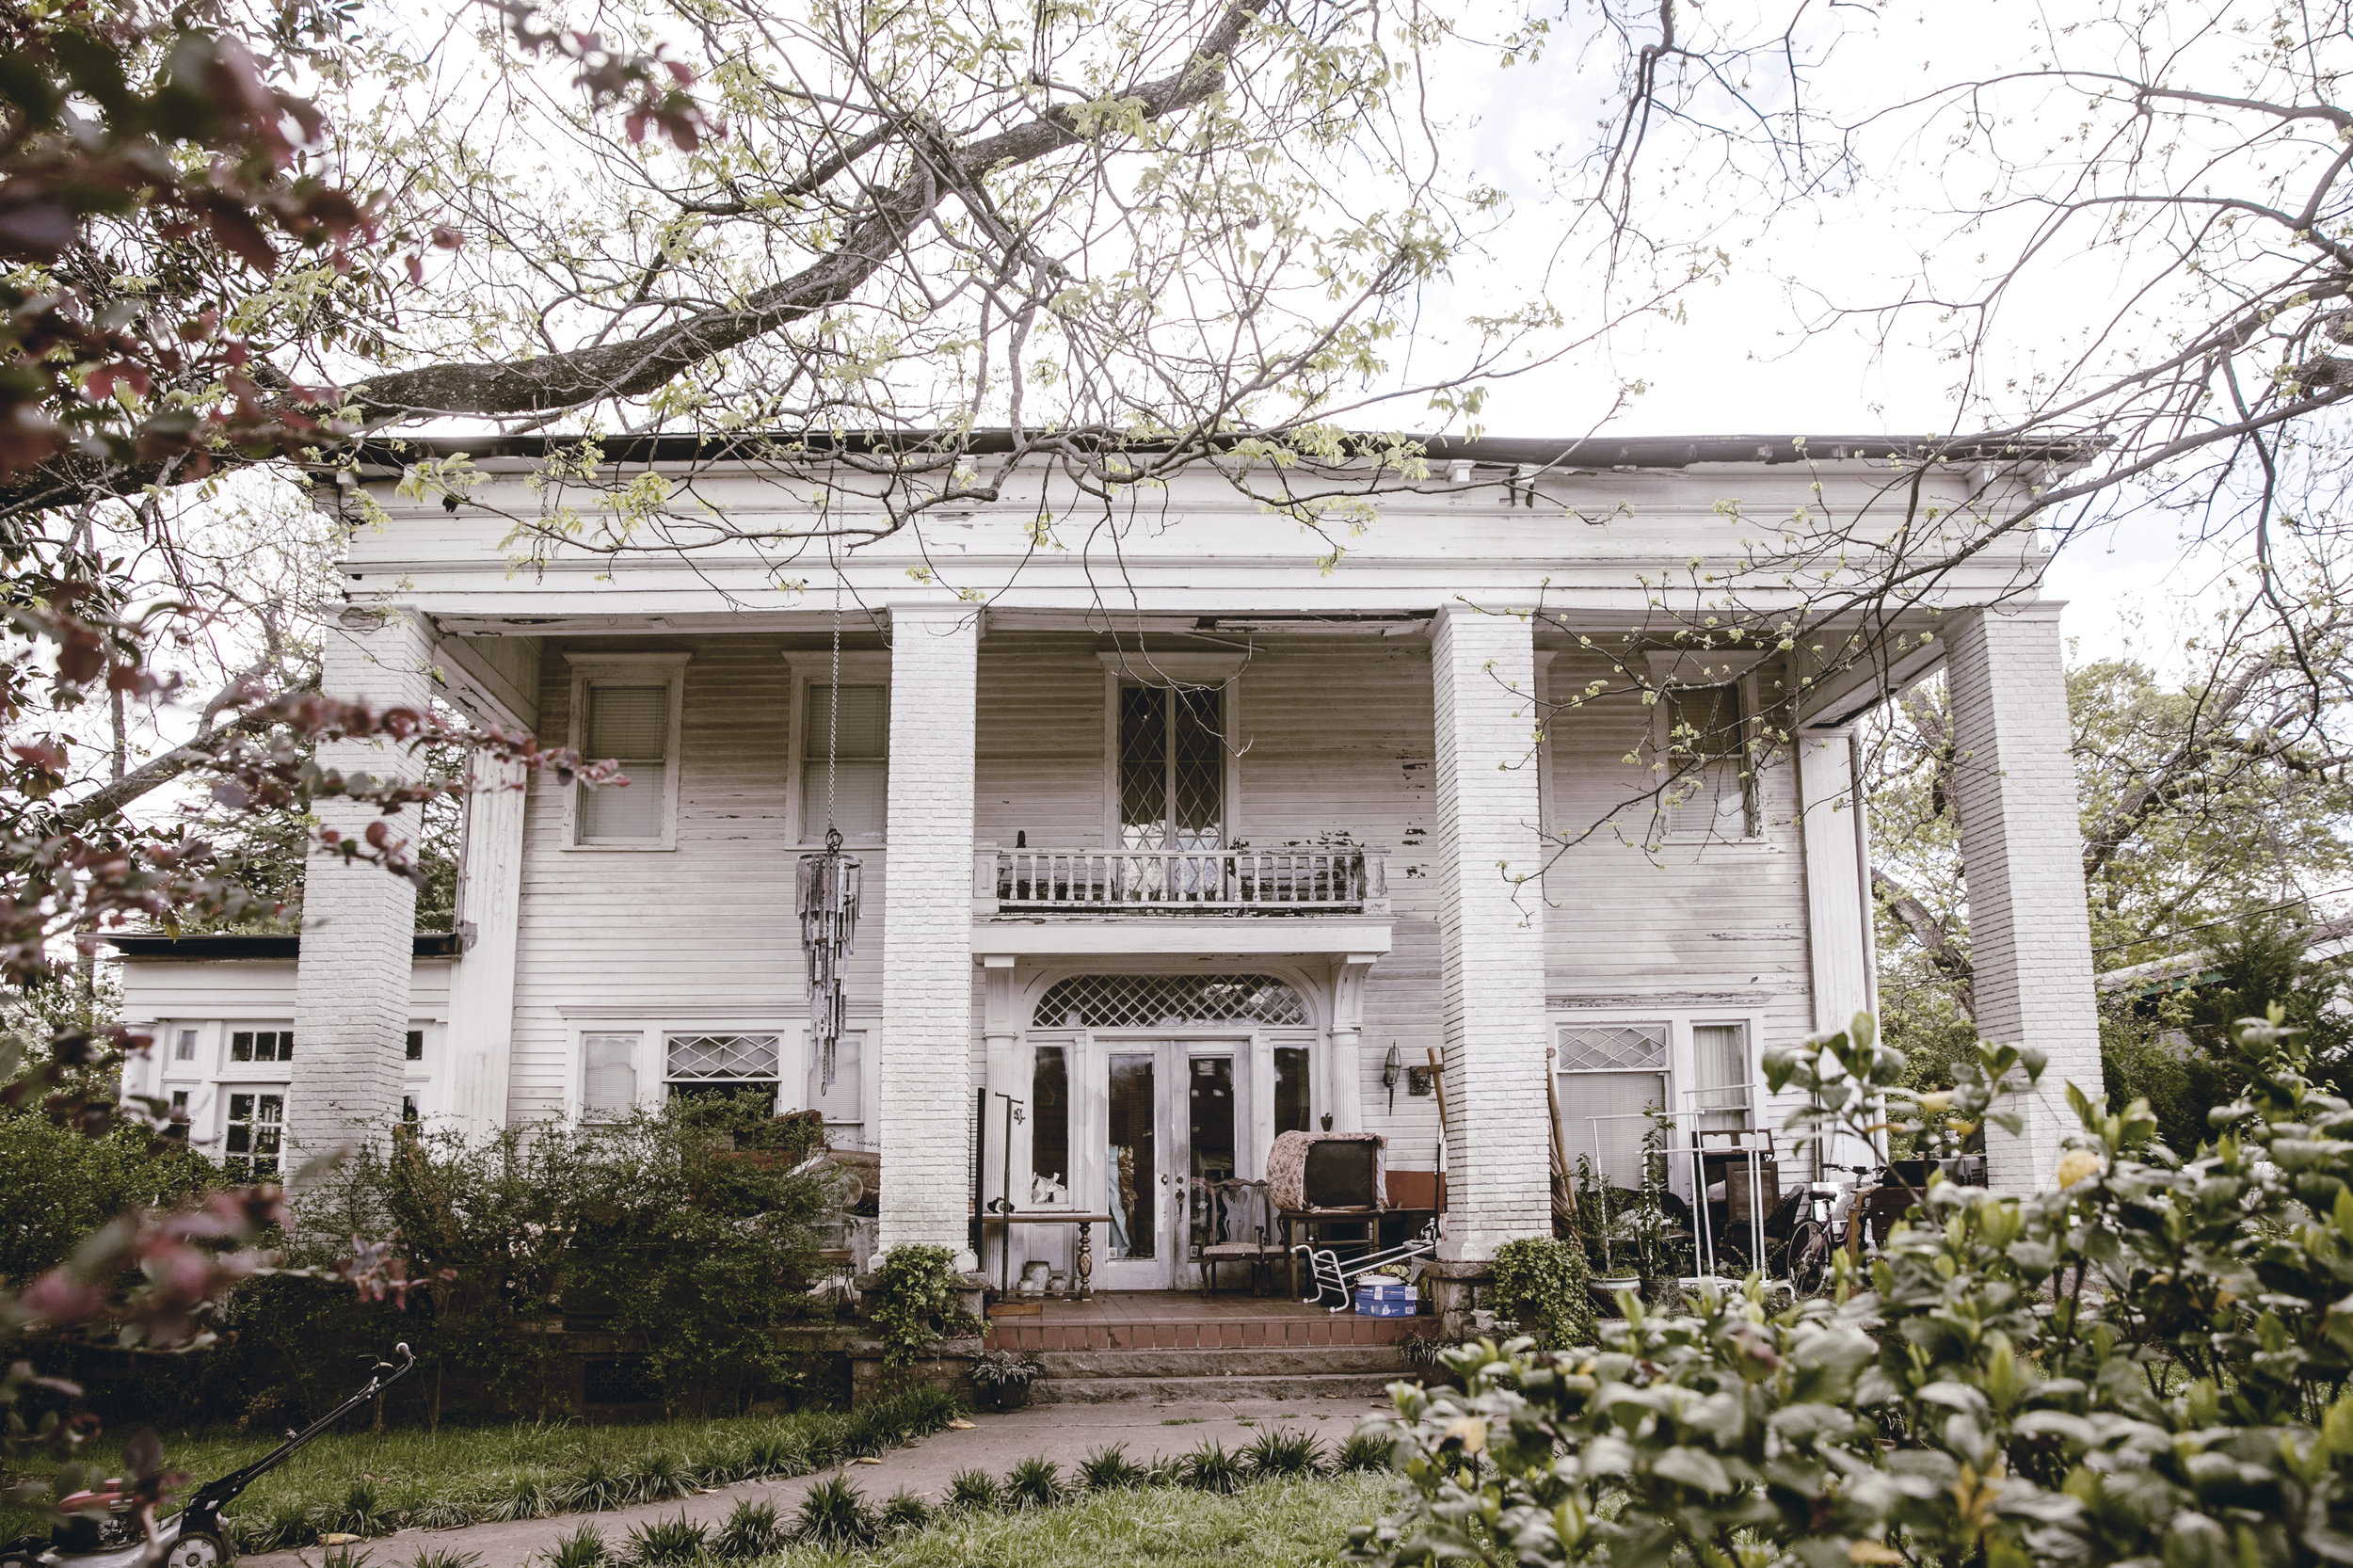 grande historic white home in Monticello Georgia / heirloomed